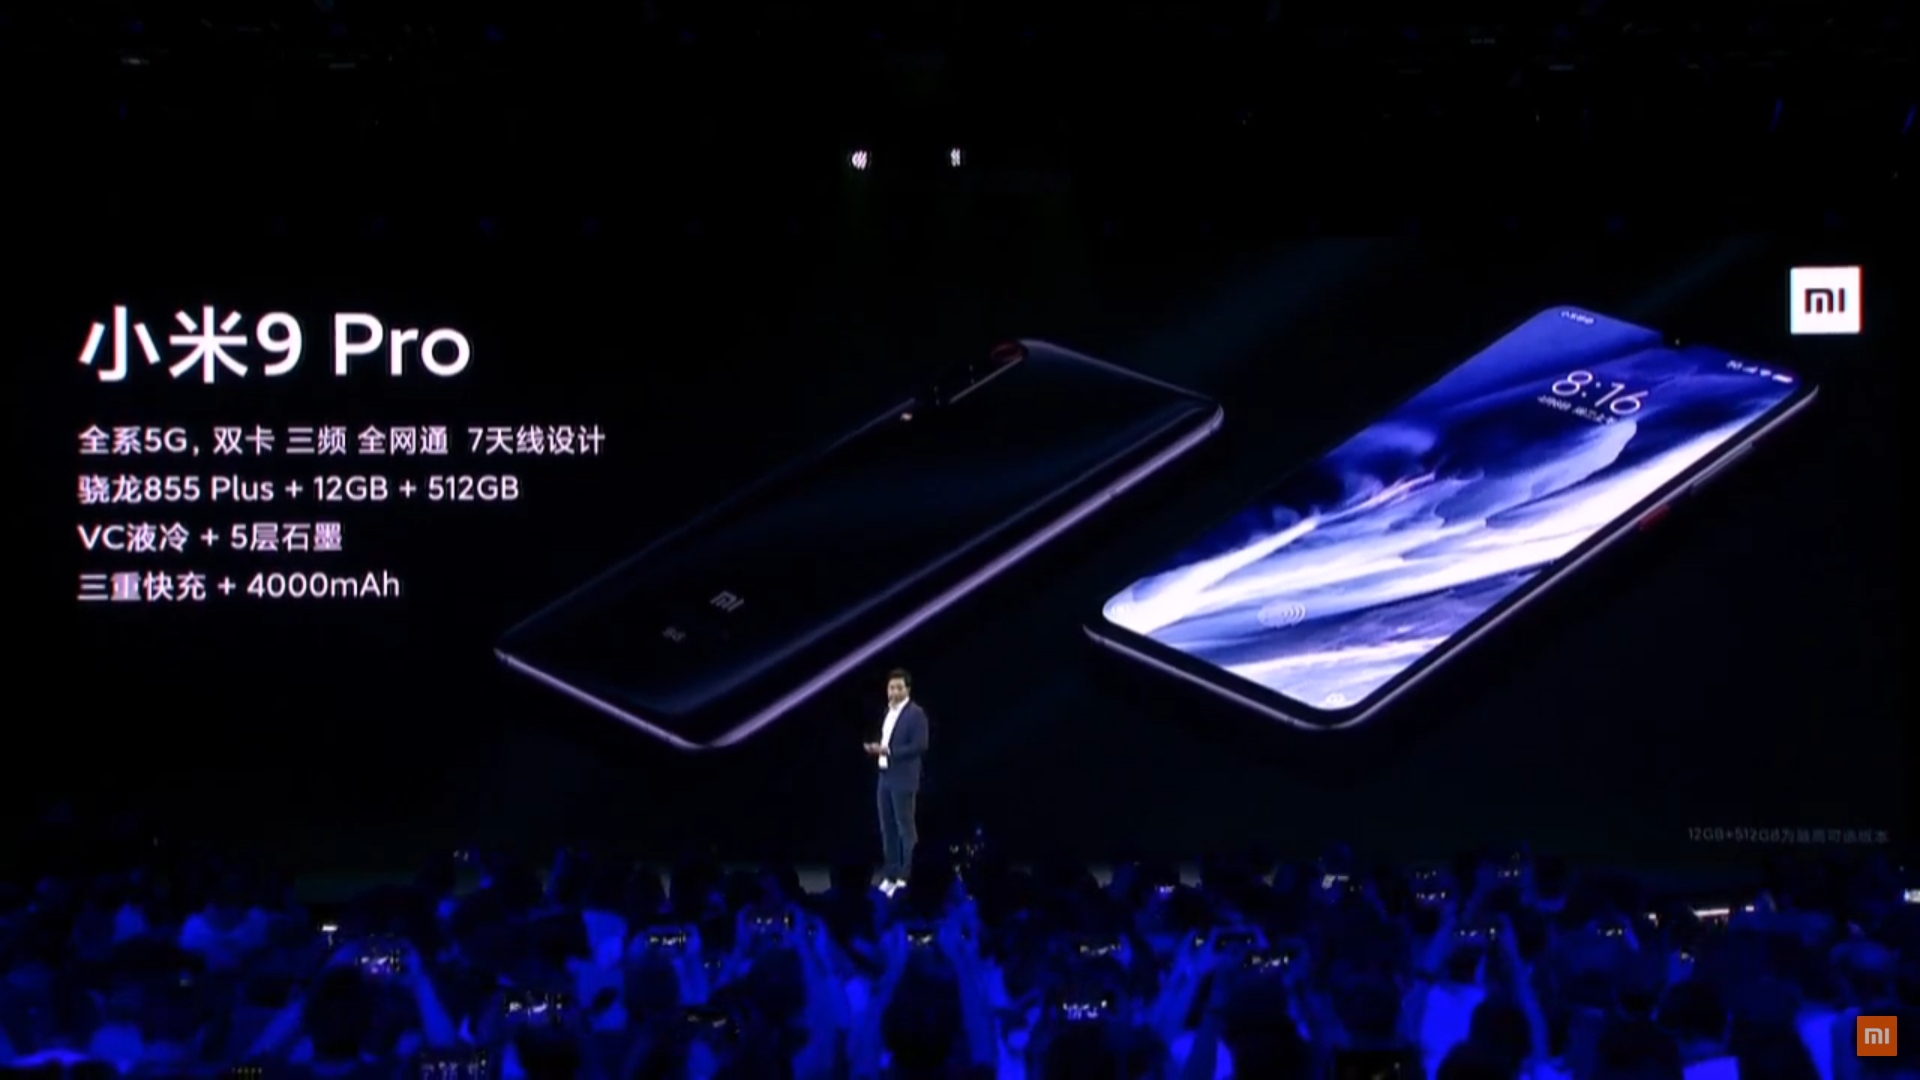 Megjöttek az új Xiaomi zászlóshajók 2